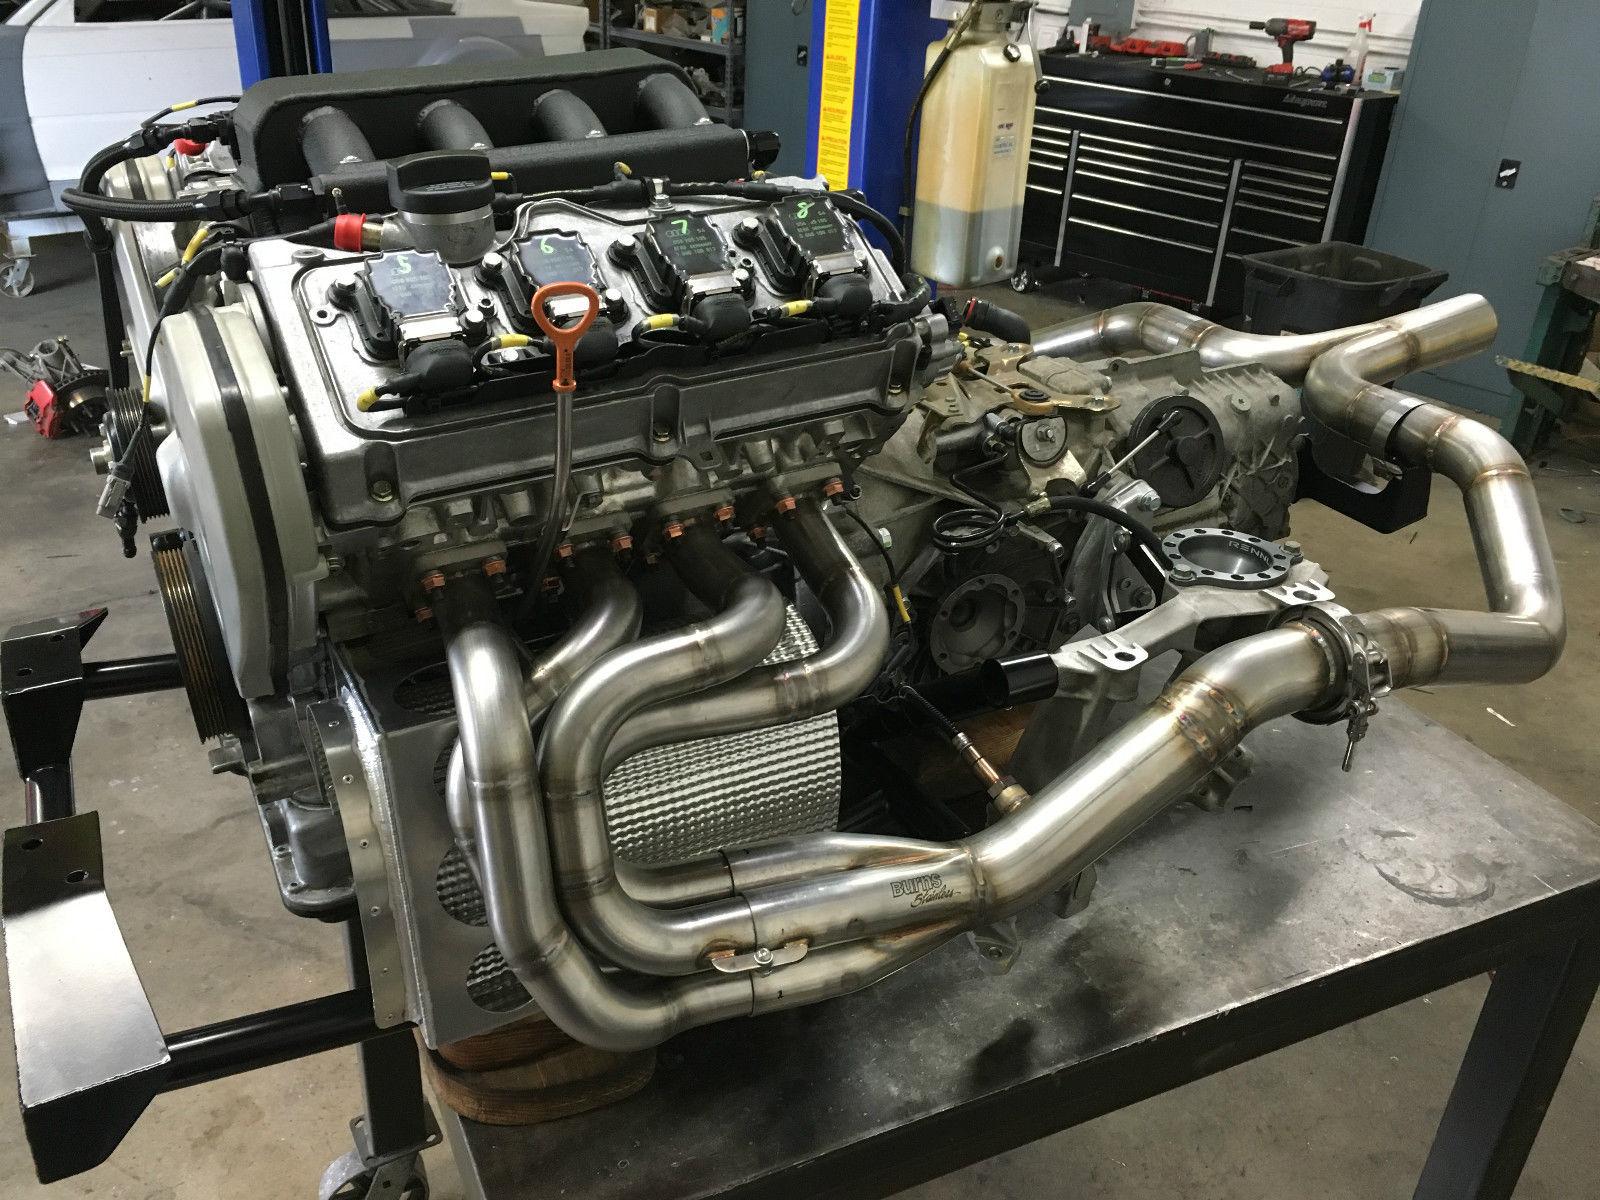 hight resolution of audi 4 2 v8 engine diagram 10 2 artatec automobile de u2022audi 4 2 v8